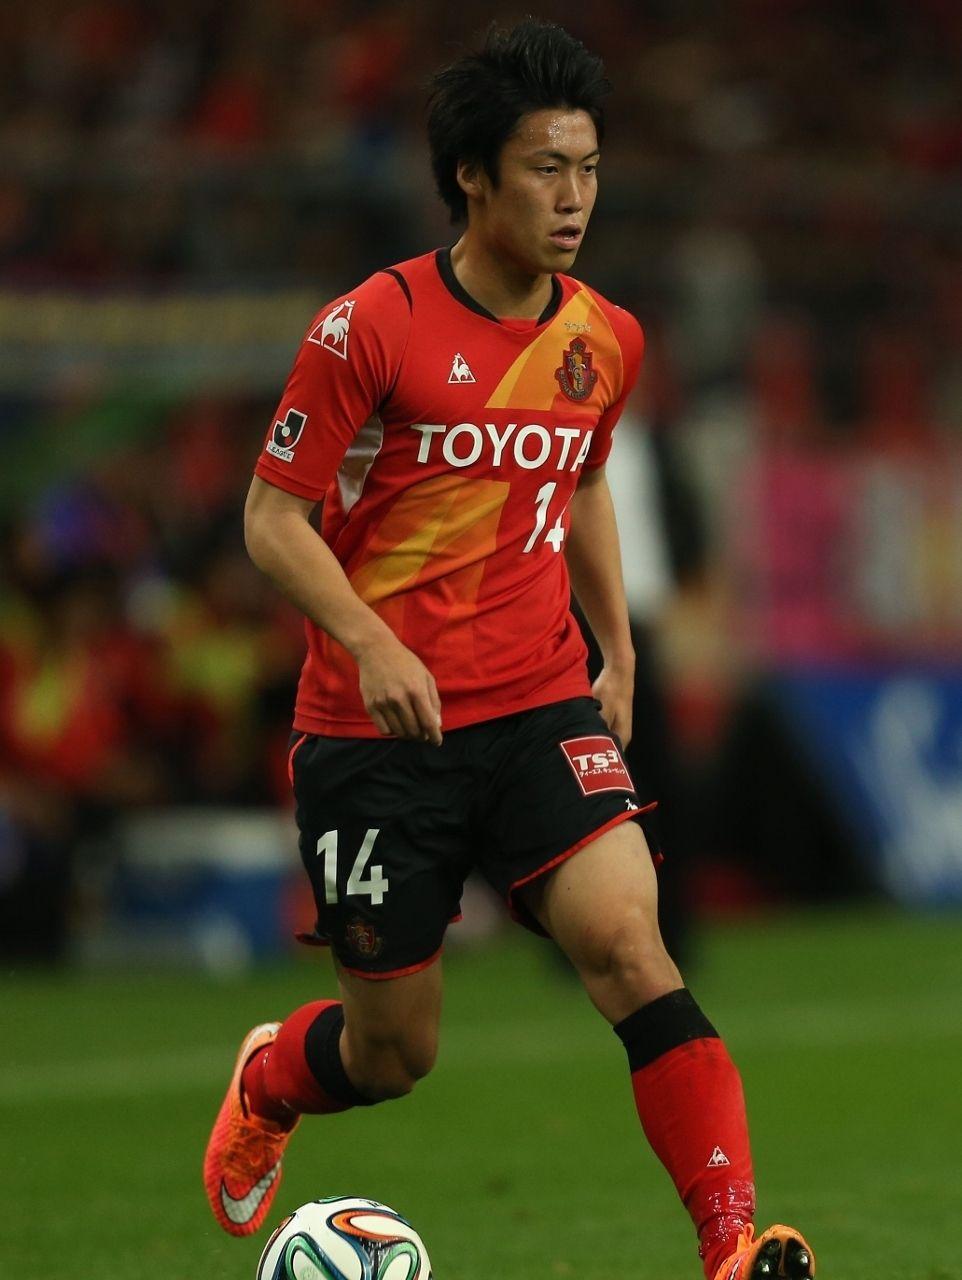 名古屋MF田鍋陵太が熊本へ期限付き移籍、背番号は15番に